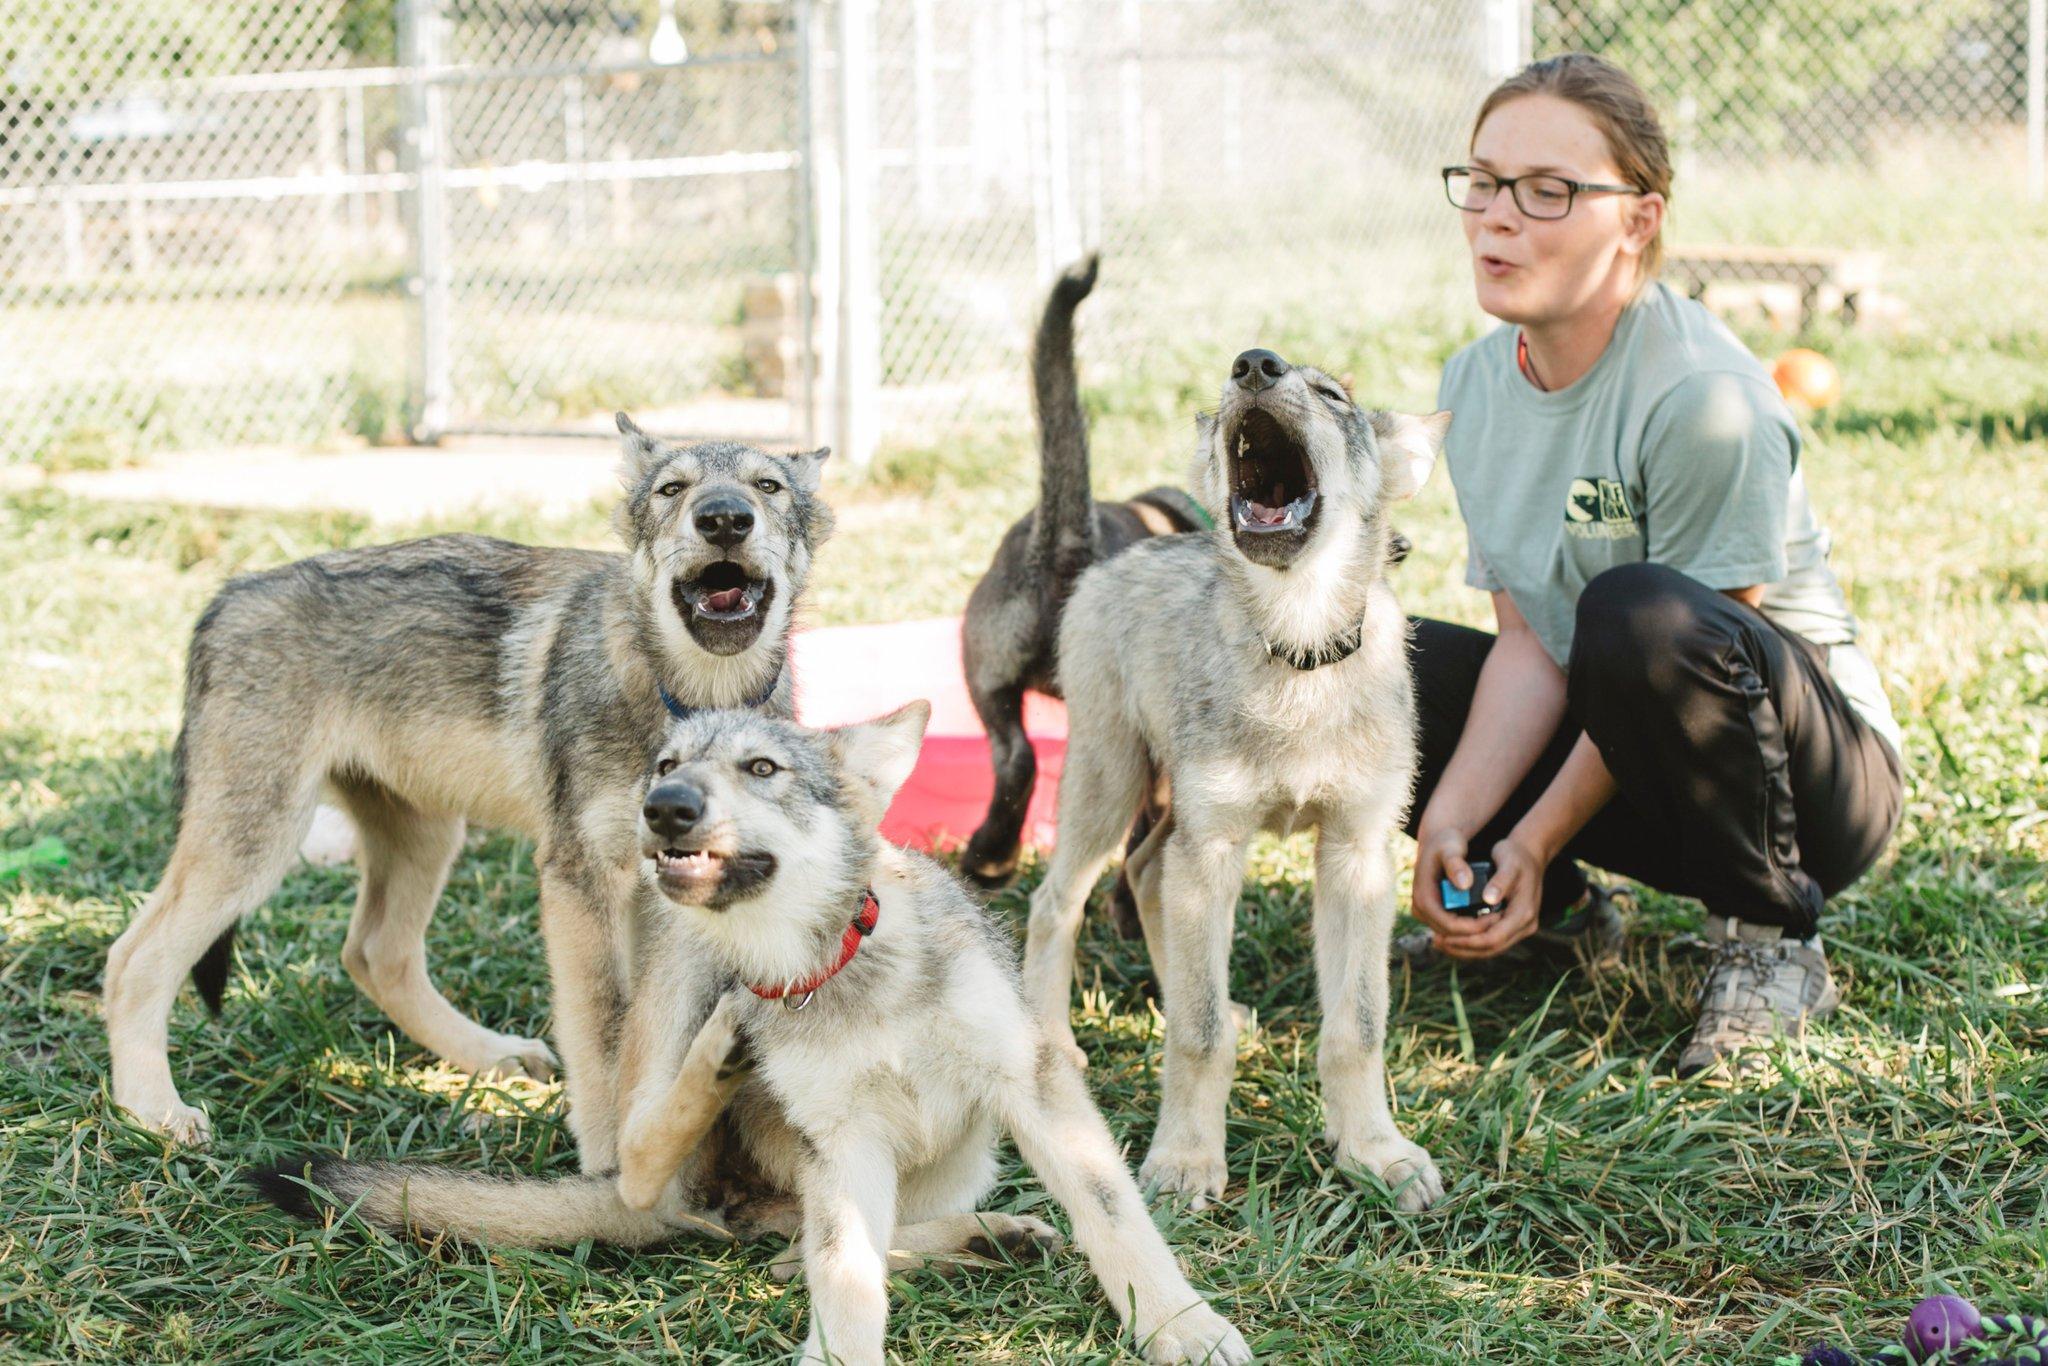 Волчата очаровательны. Пока не услышат зов природы